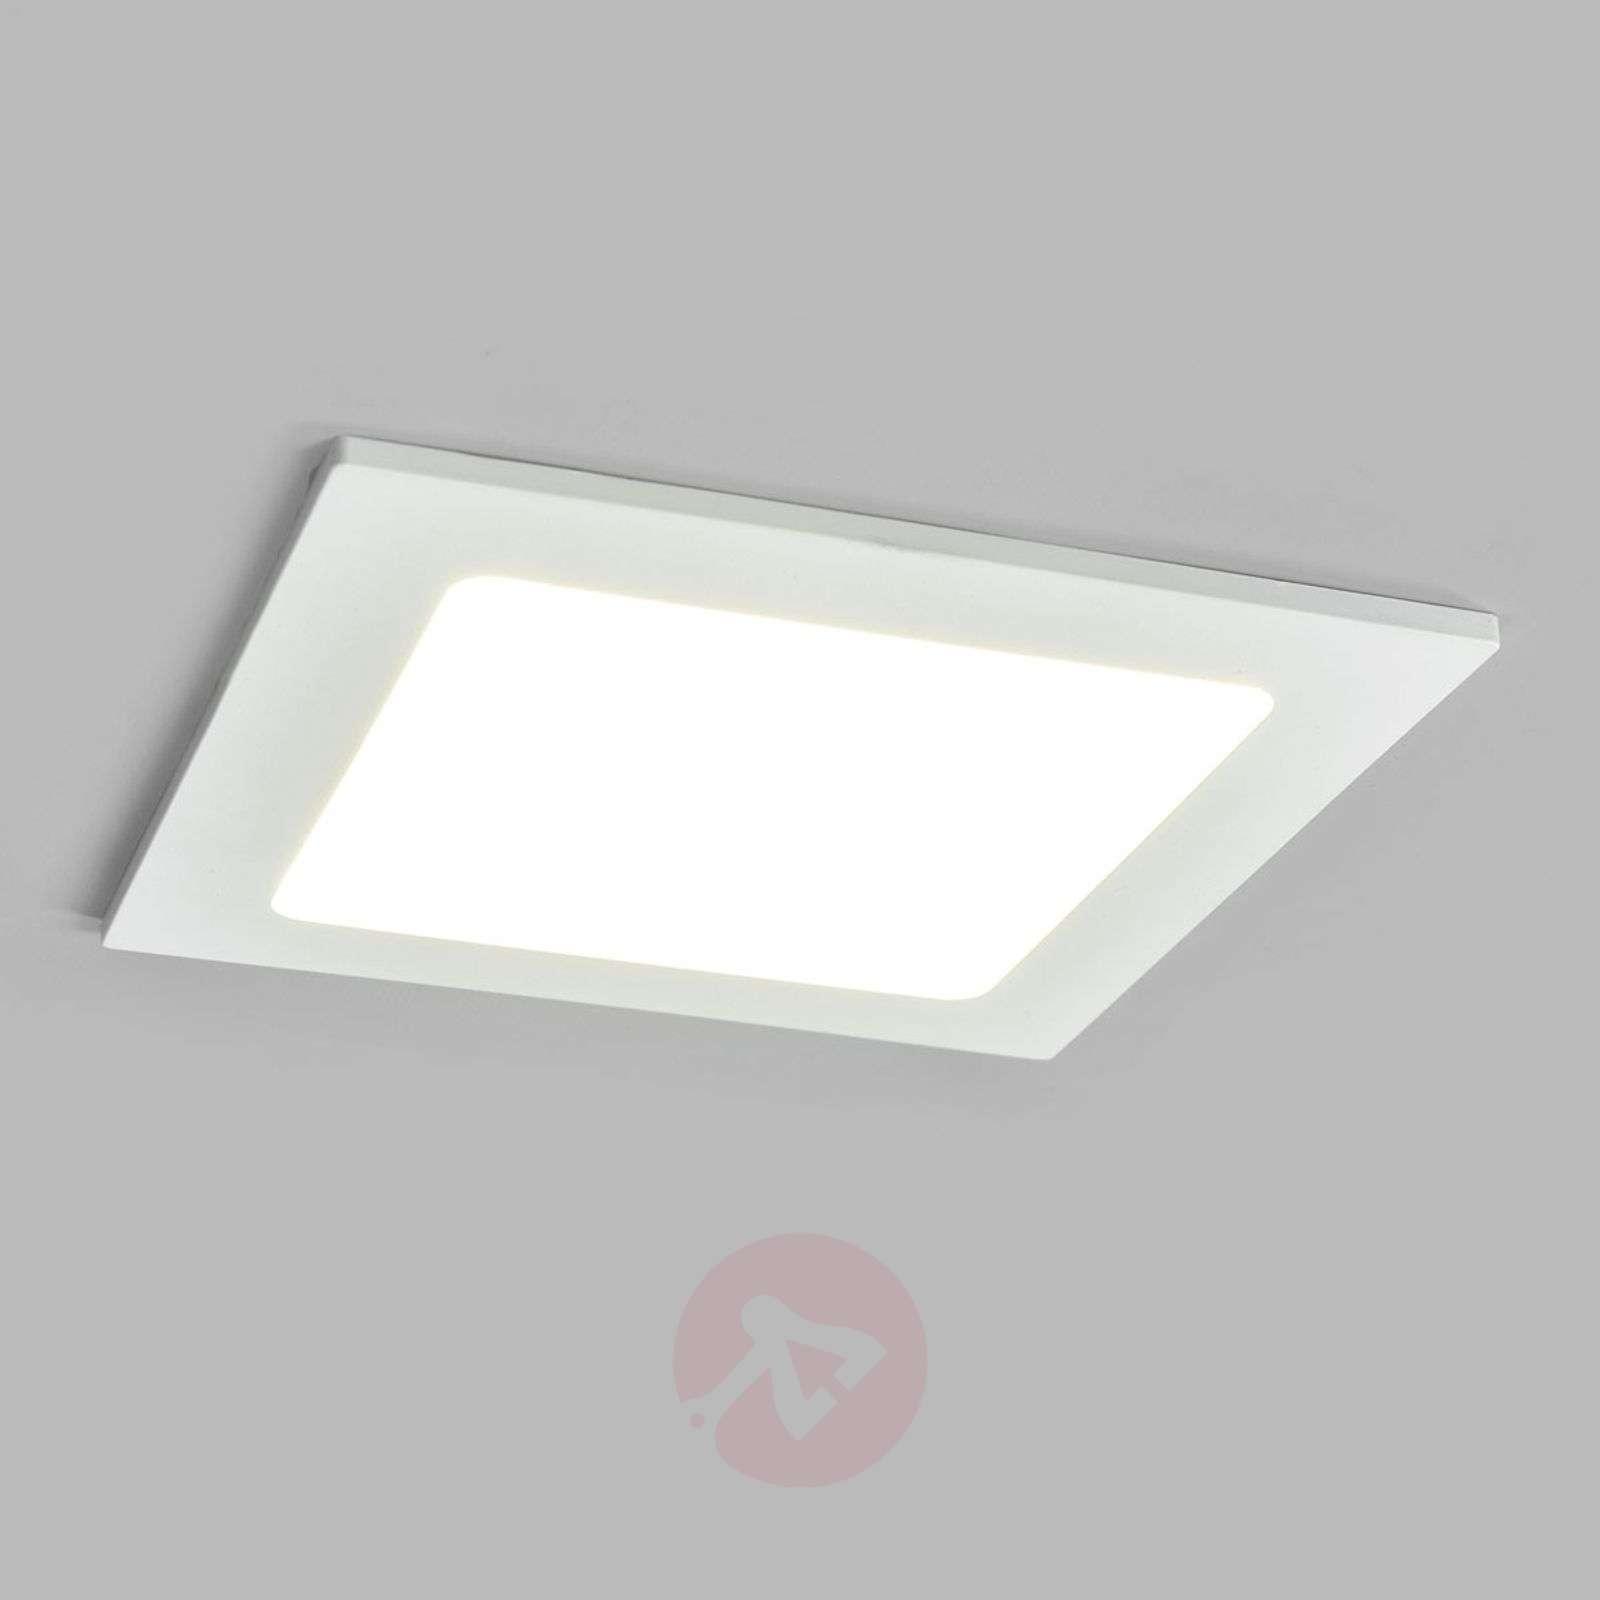 White LED recessed light Joki for damp rooms-9978061-02